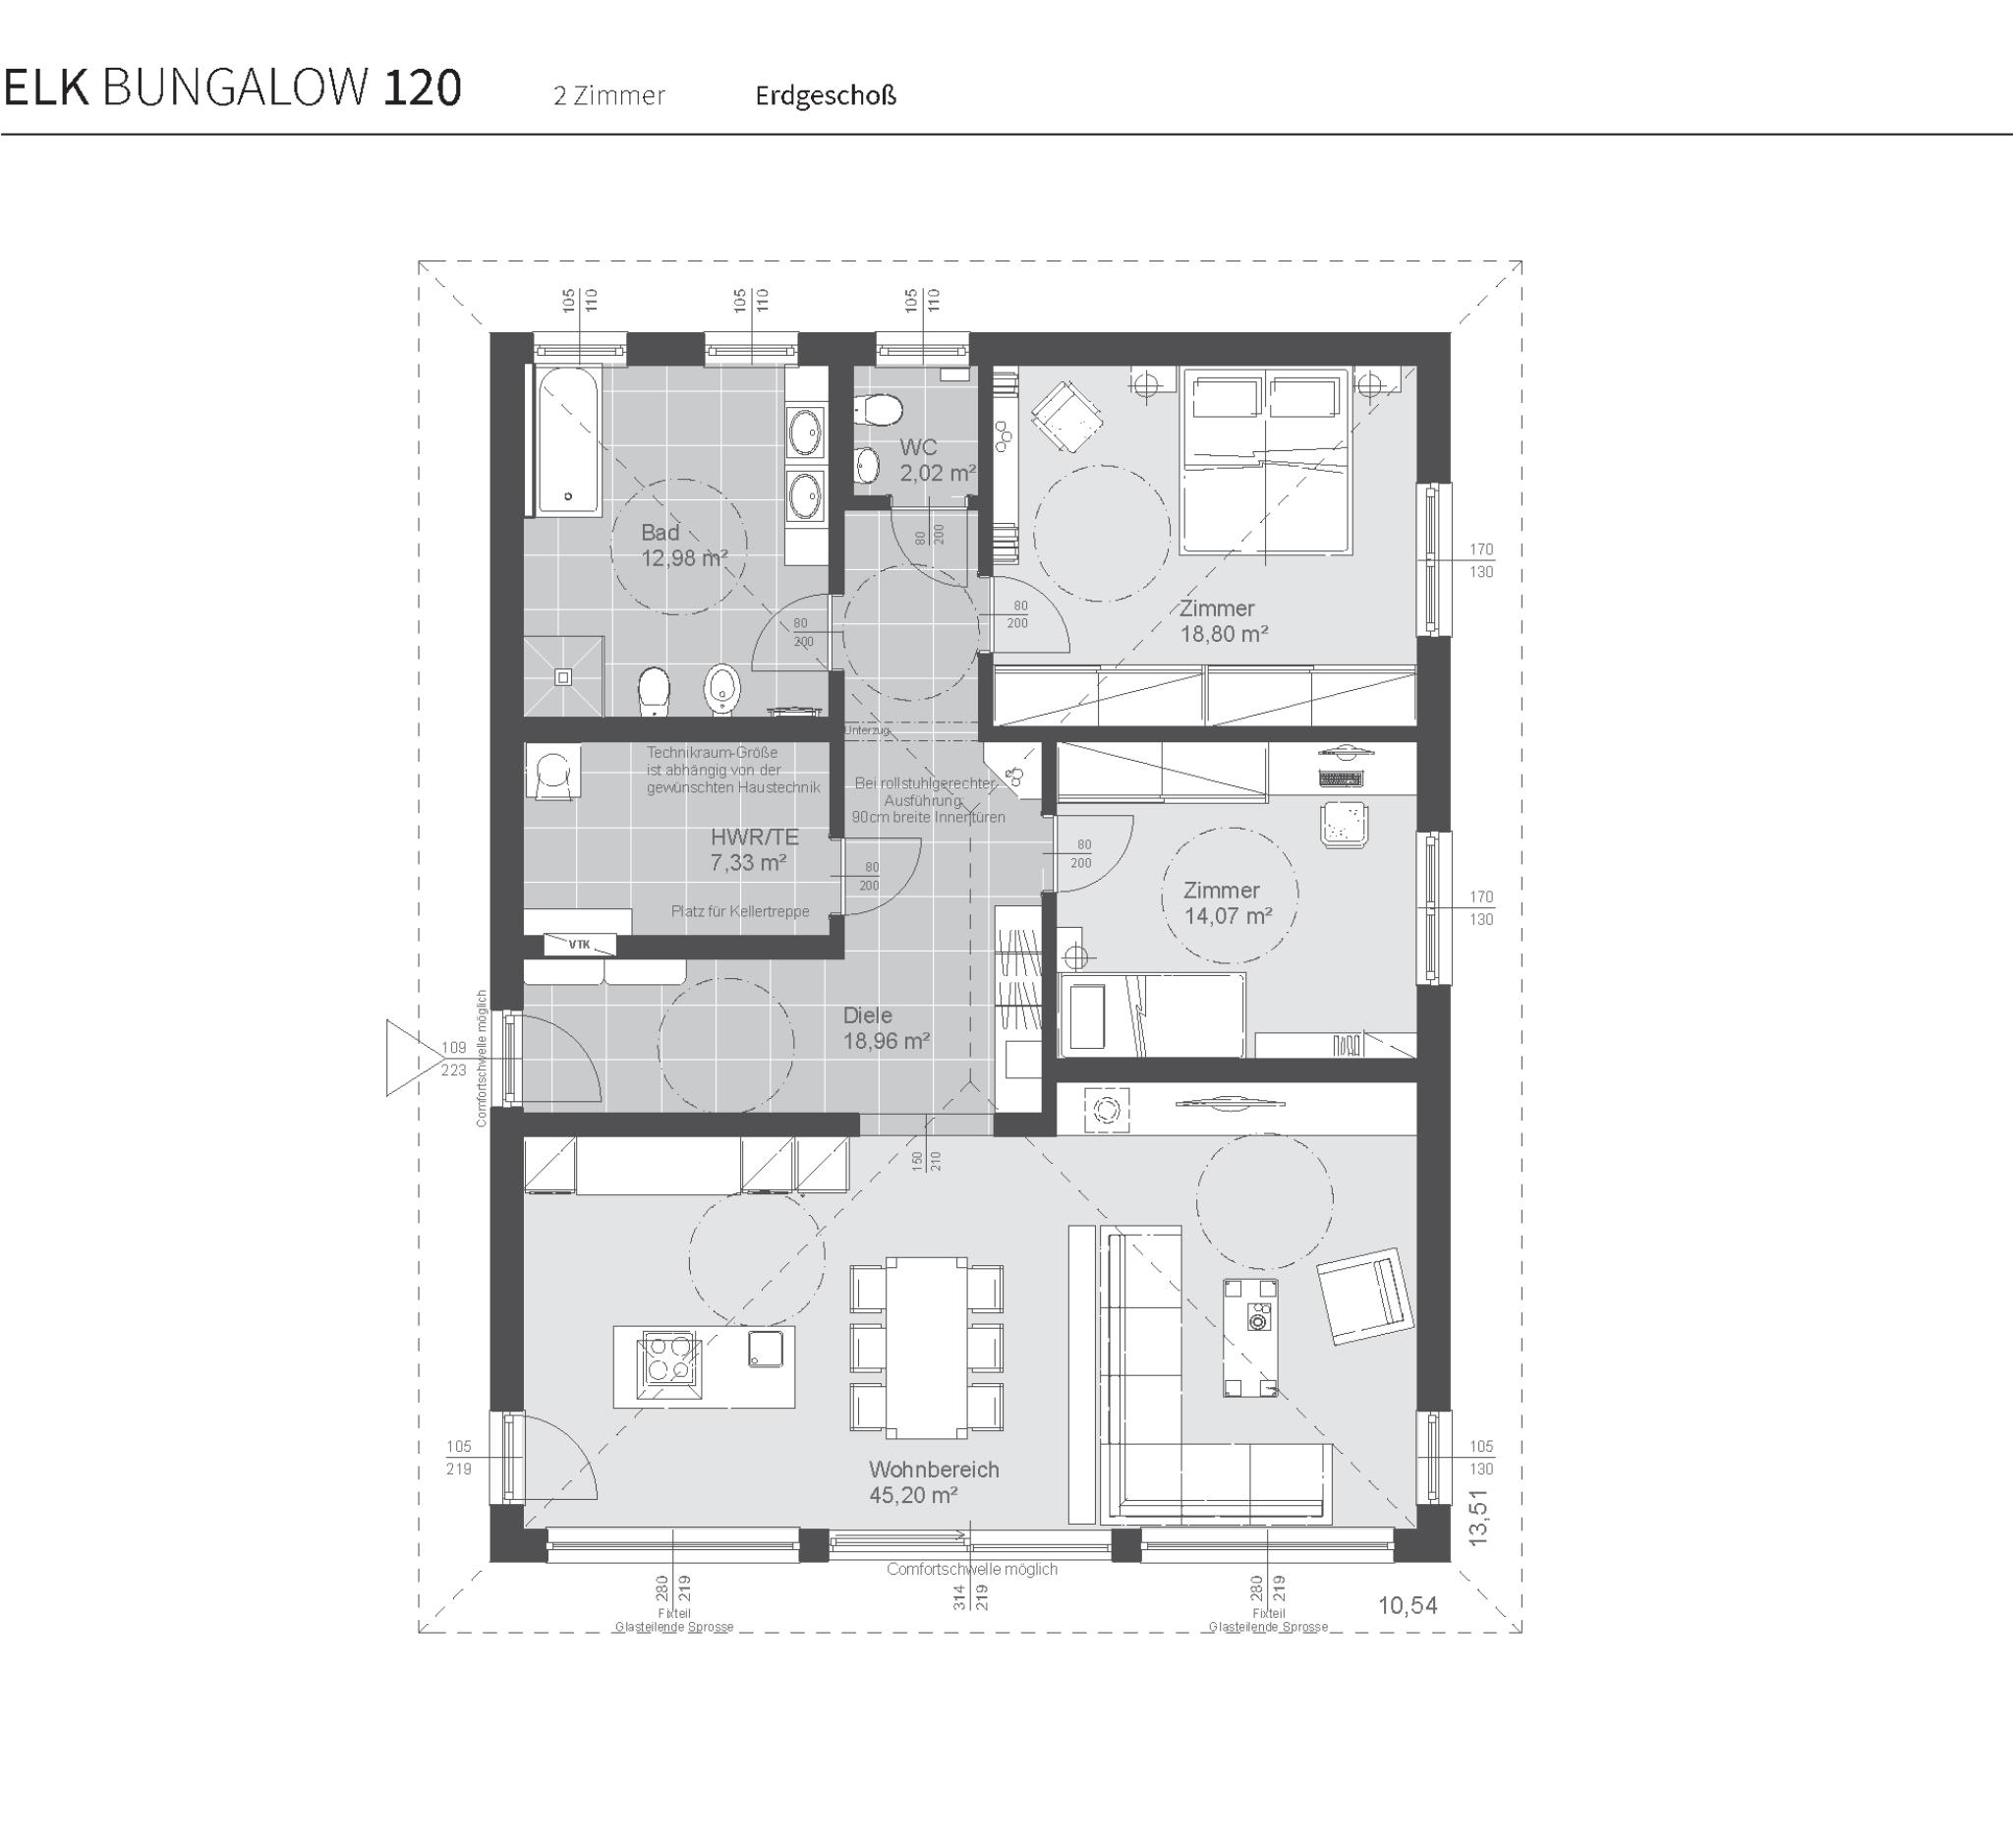 grundriss-fertighaus-elk-bungalow-120-erdgeschoss-walmdach-2-zimmer_1